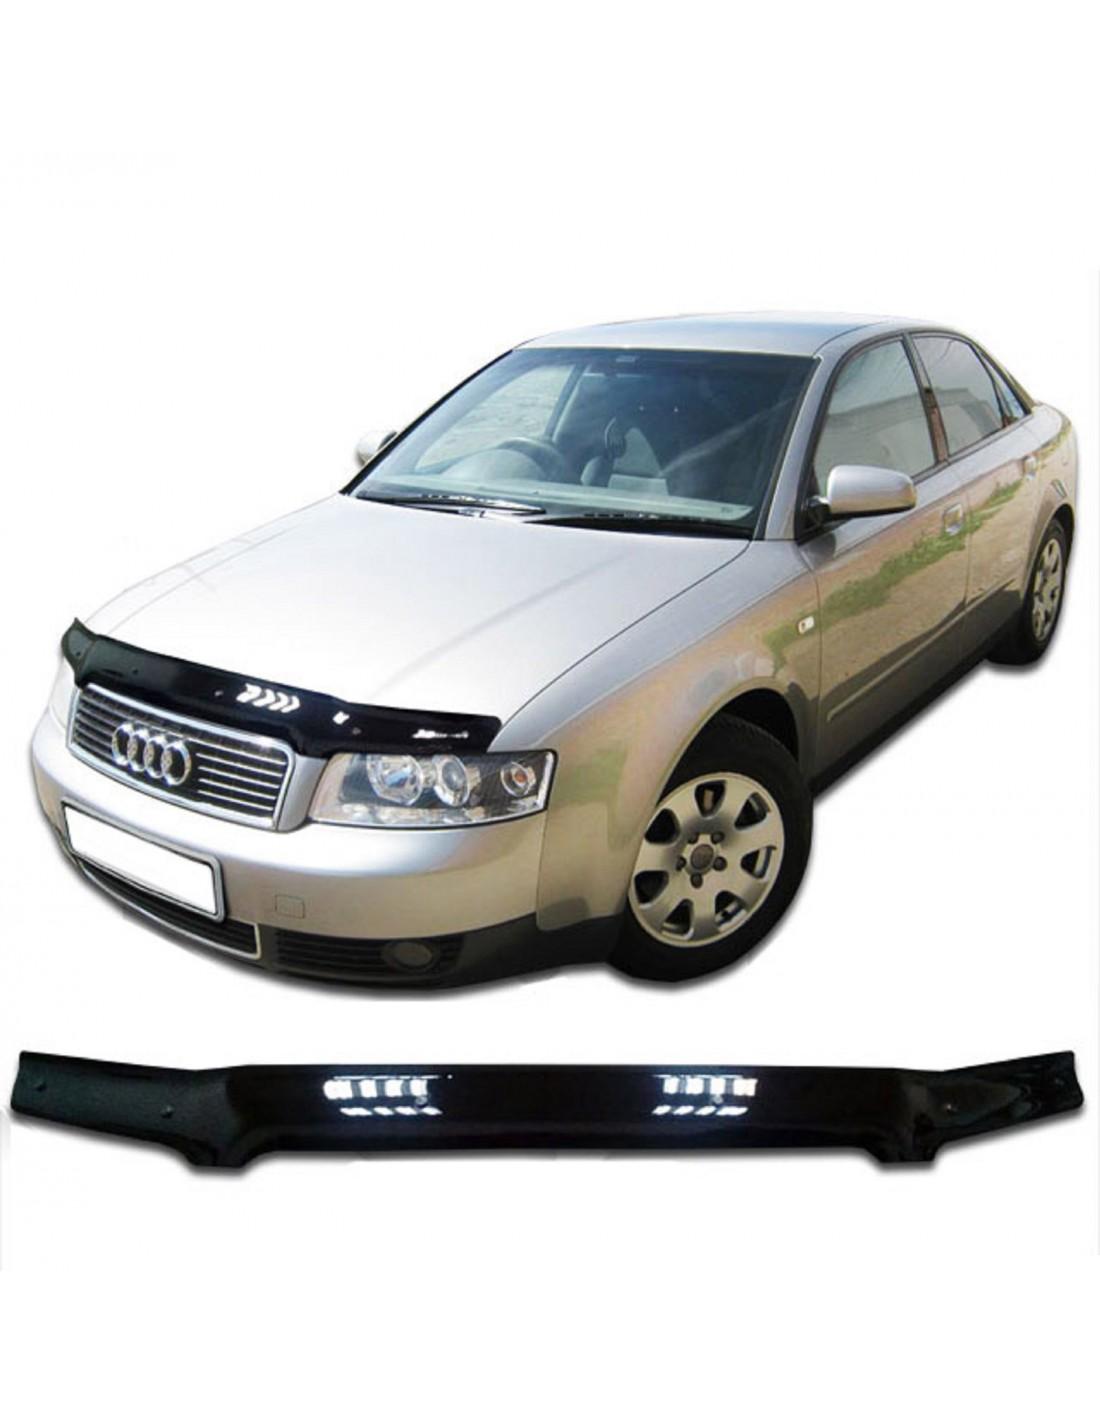 Plastový kryt kapoty - Audi A4 B6 2000–2004